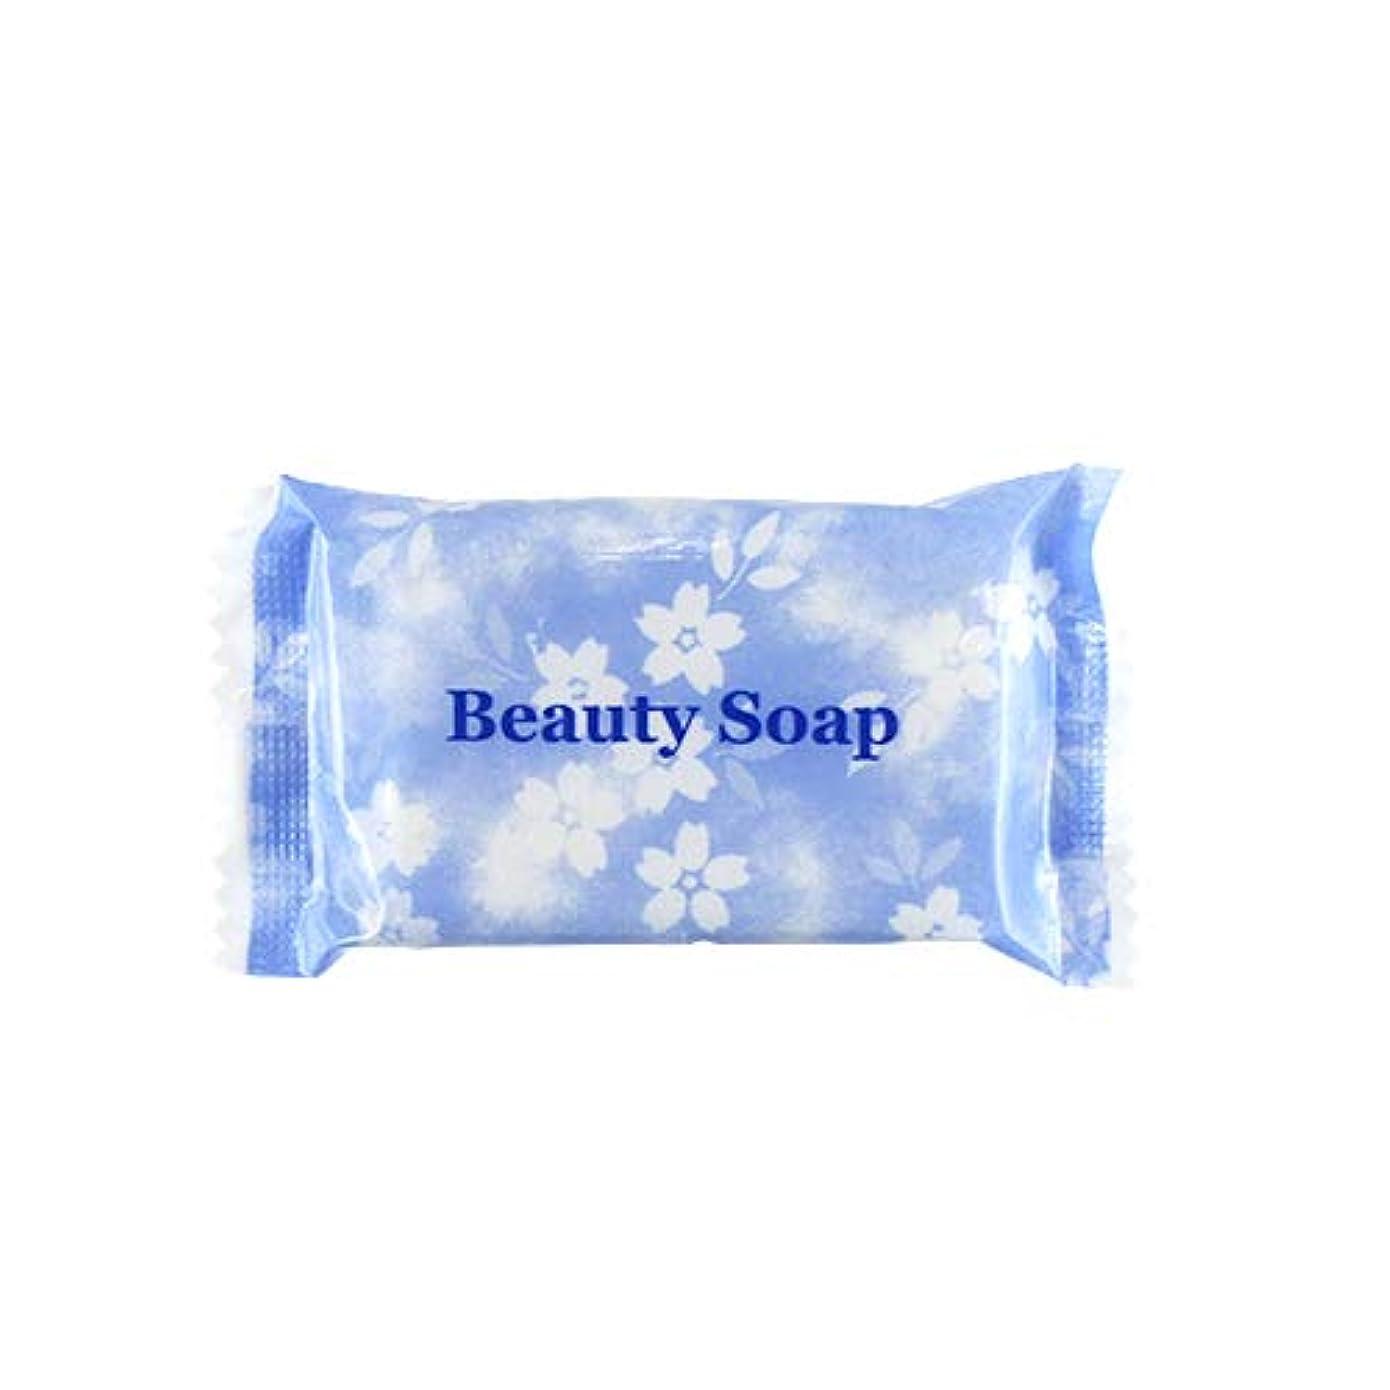 悪用羽喜劇業務用 クロバーコーポレーション ビューティーソープ(Beauty Soap) 15g×100個セット | ホテルアメニティ 個包装